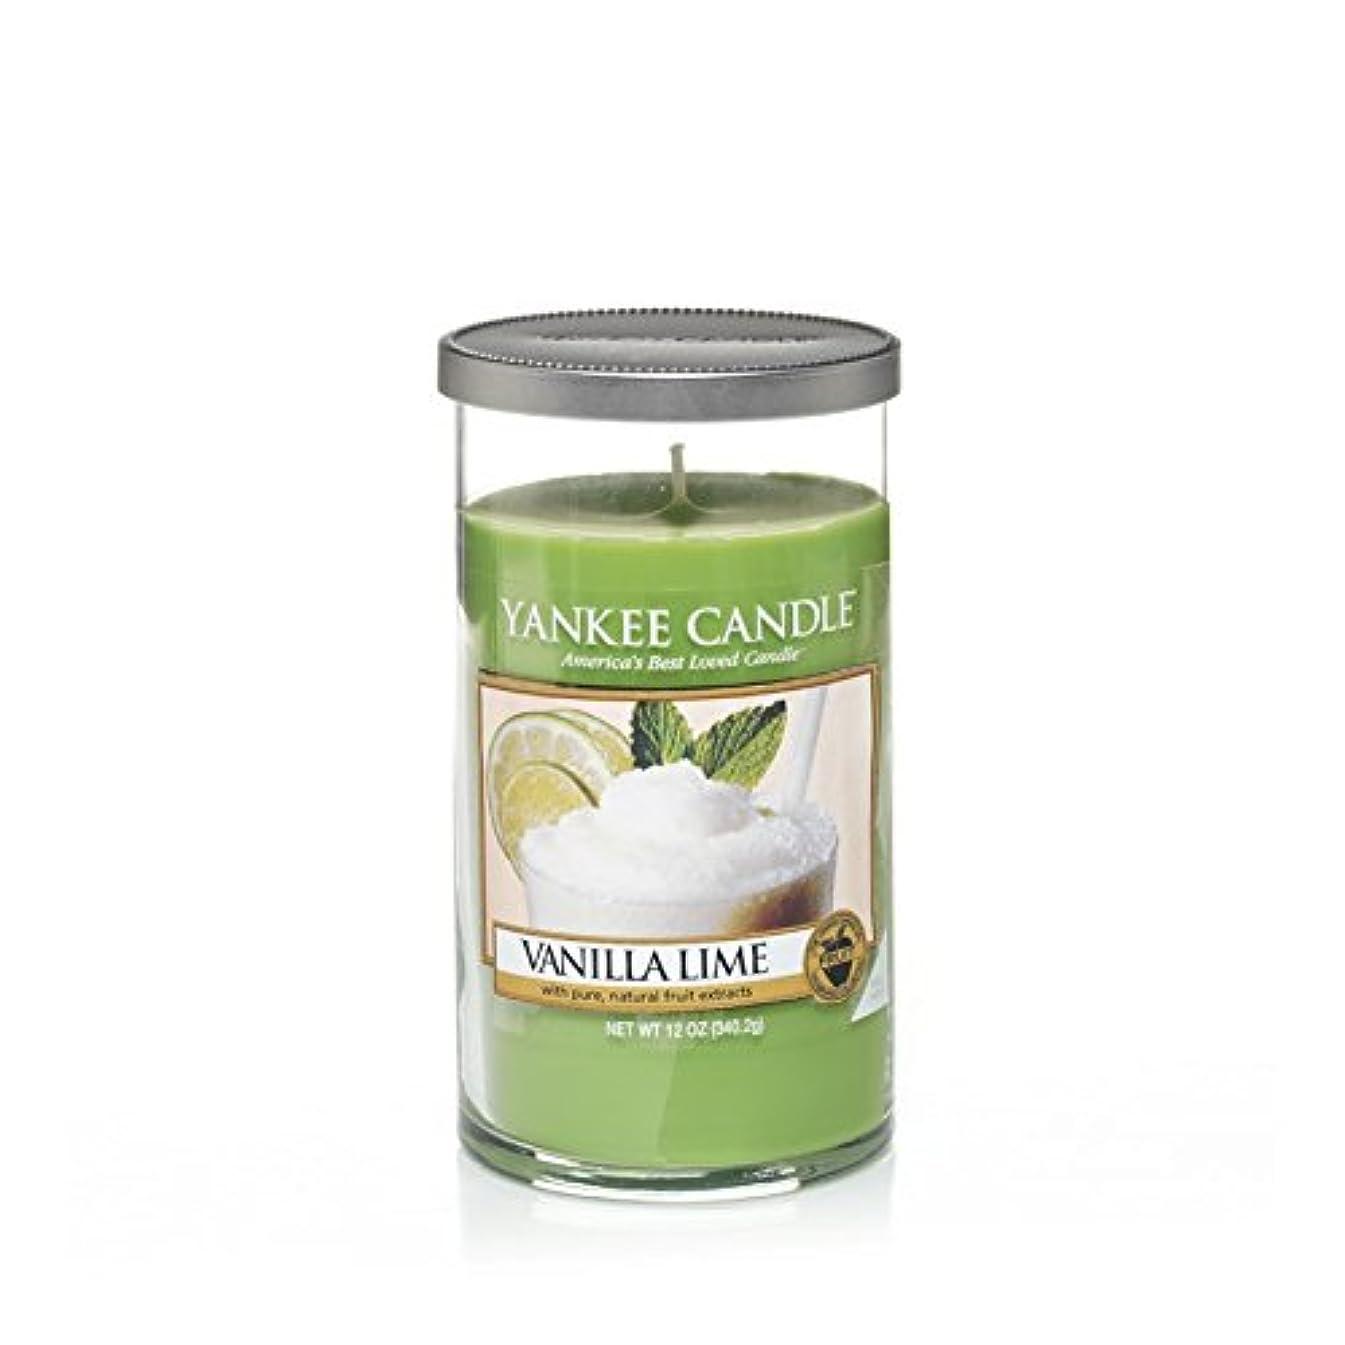 原油検索エンジンマーケティング戻るYankee Candles Medium Pillar Candle - Vanilla Lime (Pack of 6) - ヤンキーキャンドルメディアピラーキャンドル - バニラライム (x6) [並行輸入品]